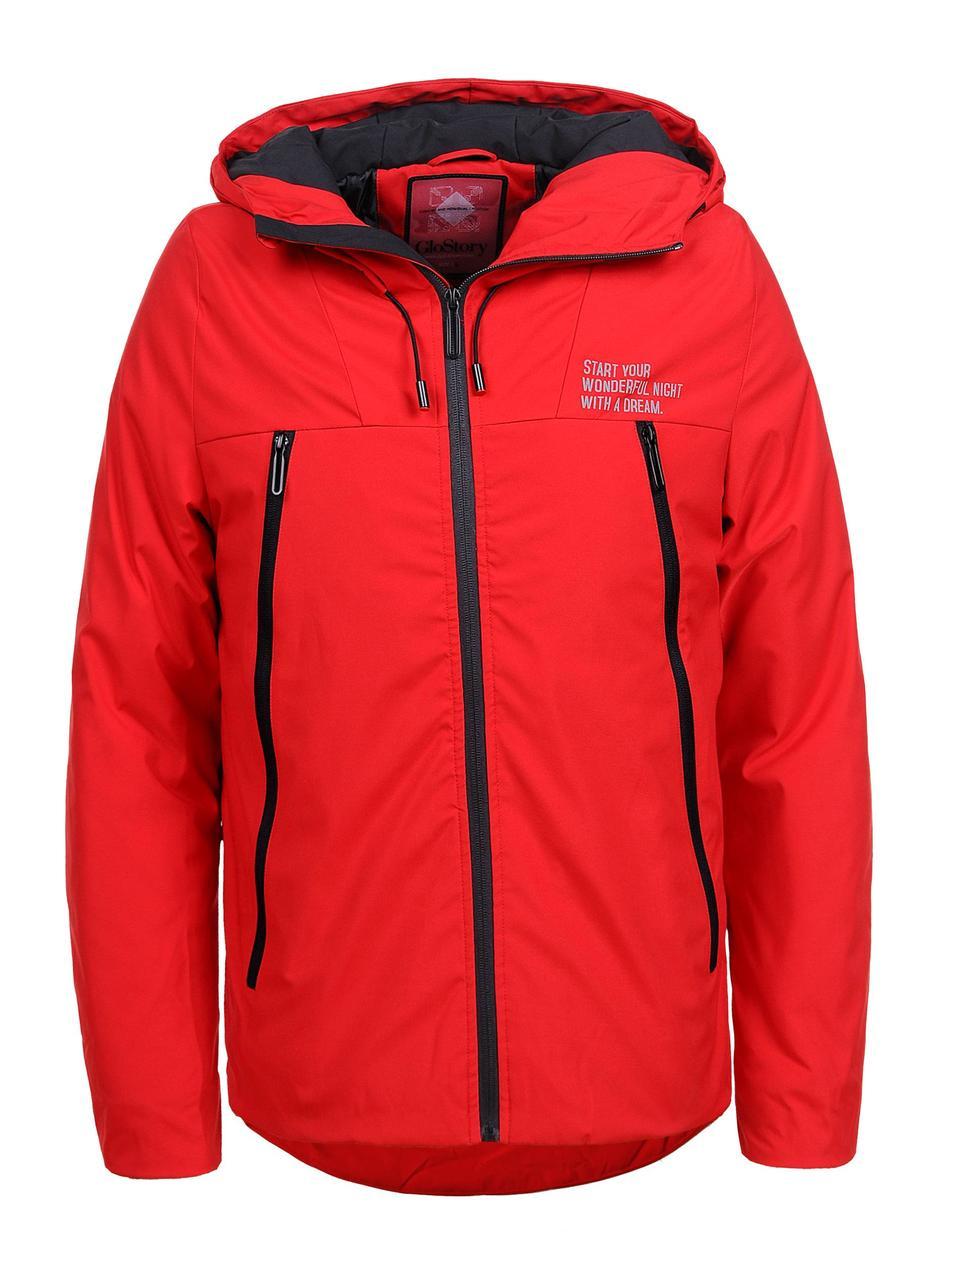 Демісезонна куртка  для хлопчика  червона  Glo-Story 134/140